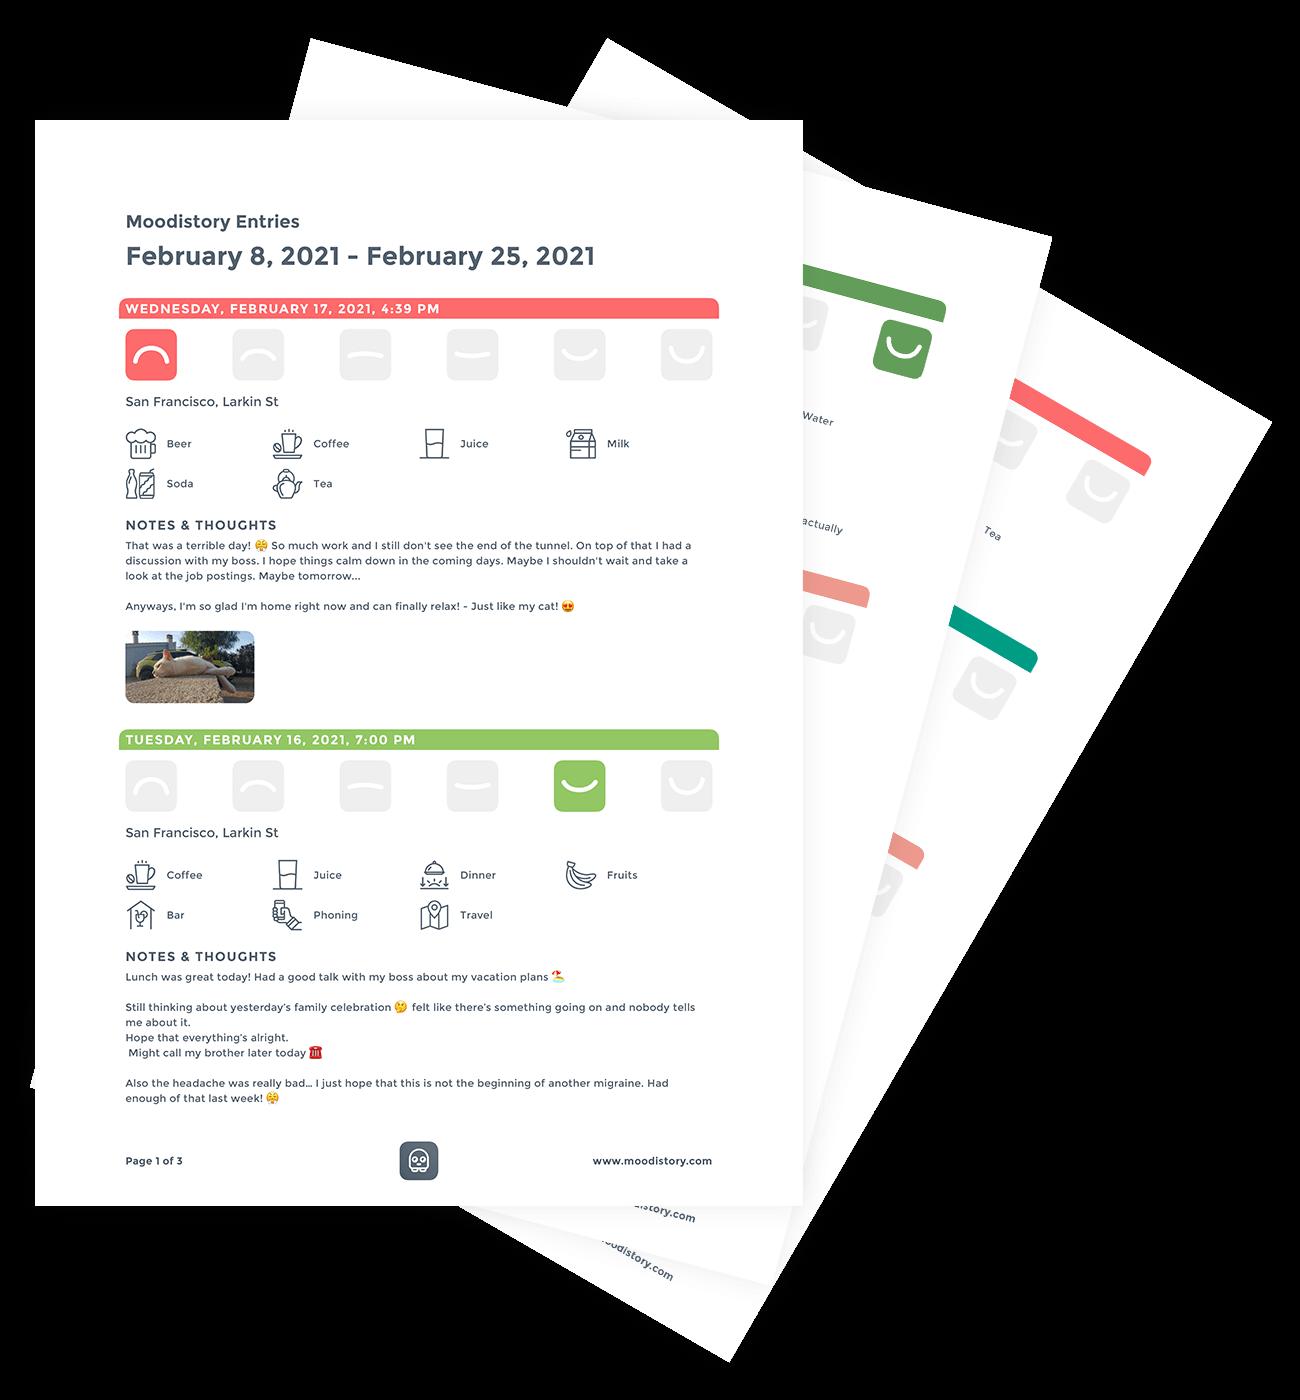 Mood Tracker App Moodistory - Create PDF